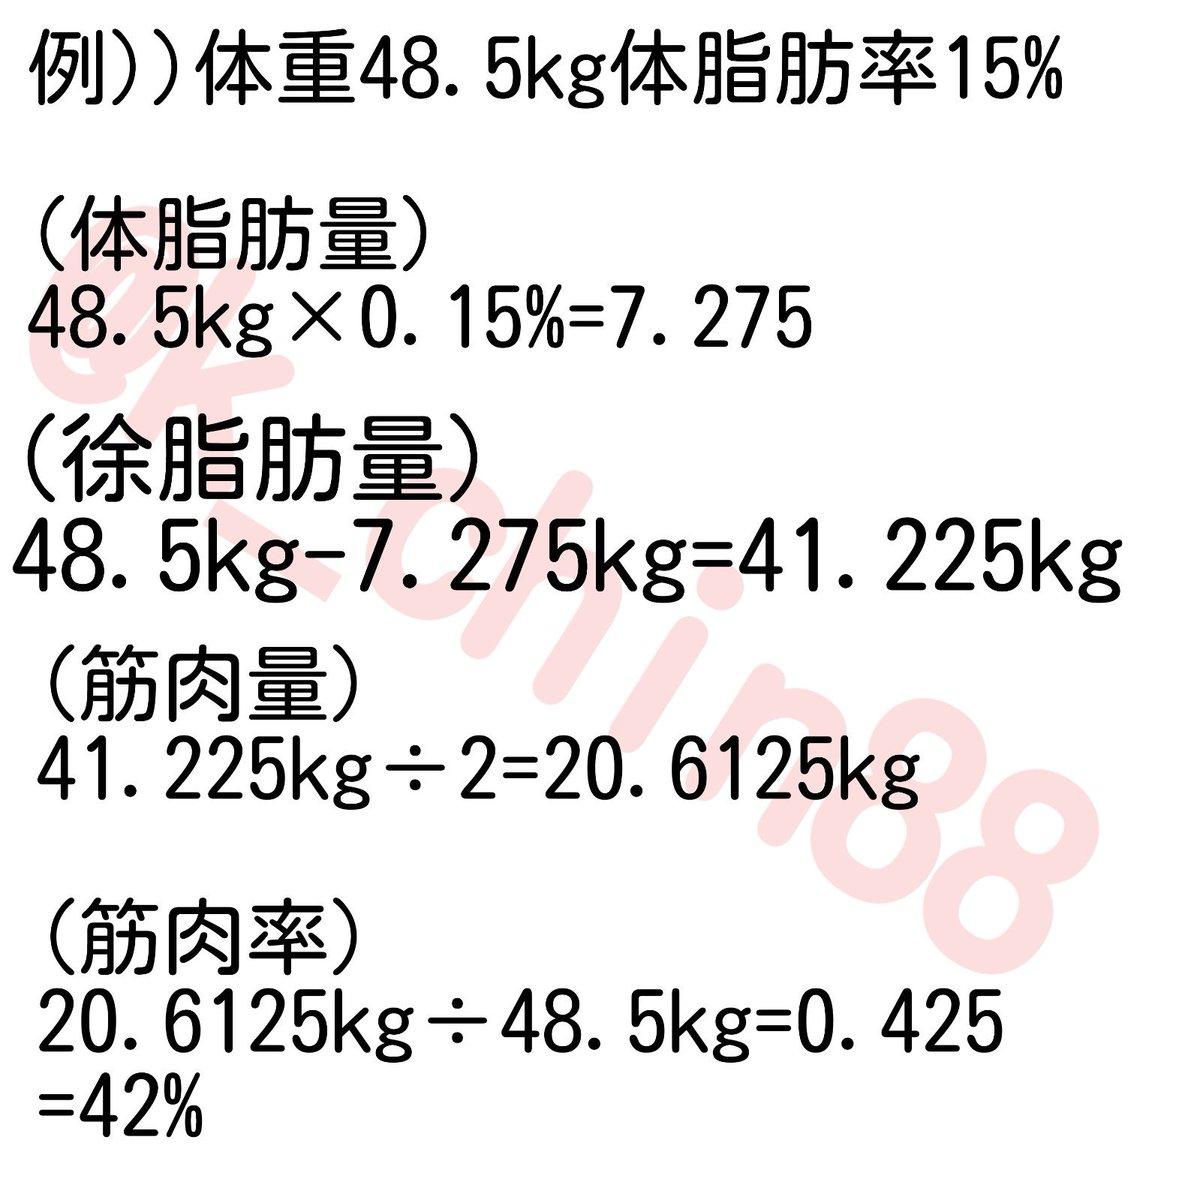 量 計算 脂肪 体